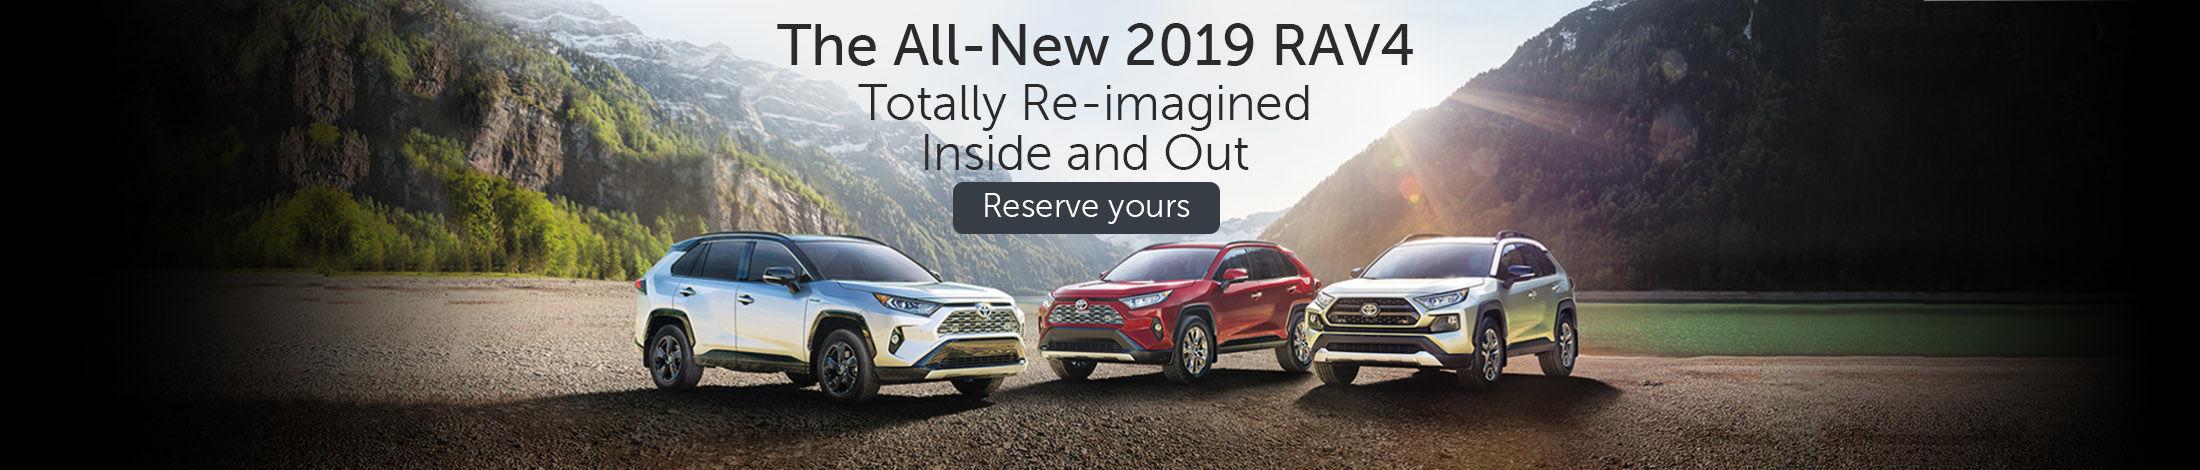 The all-new 2019 RAV4